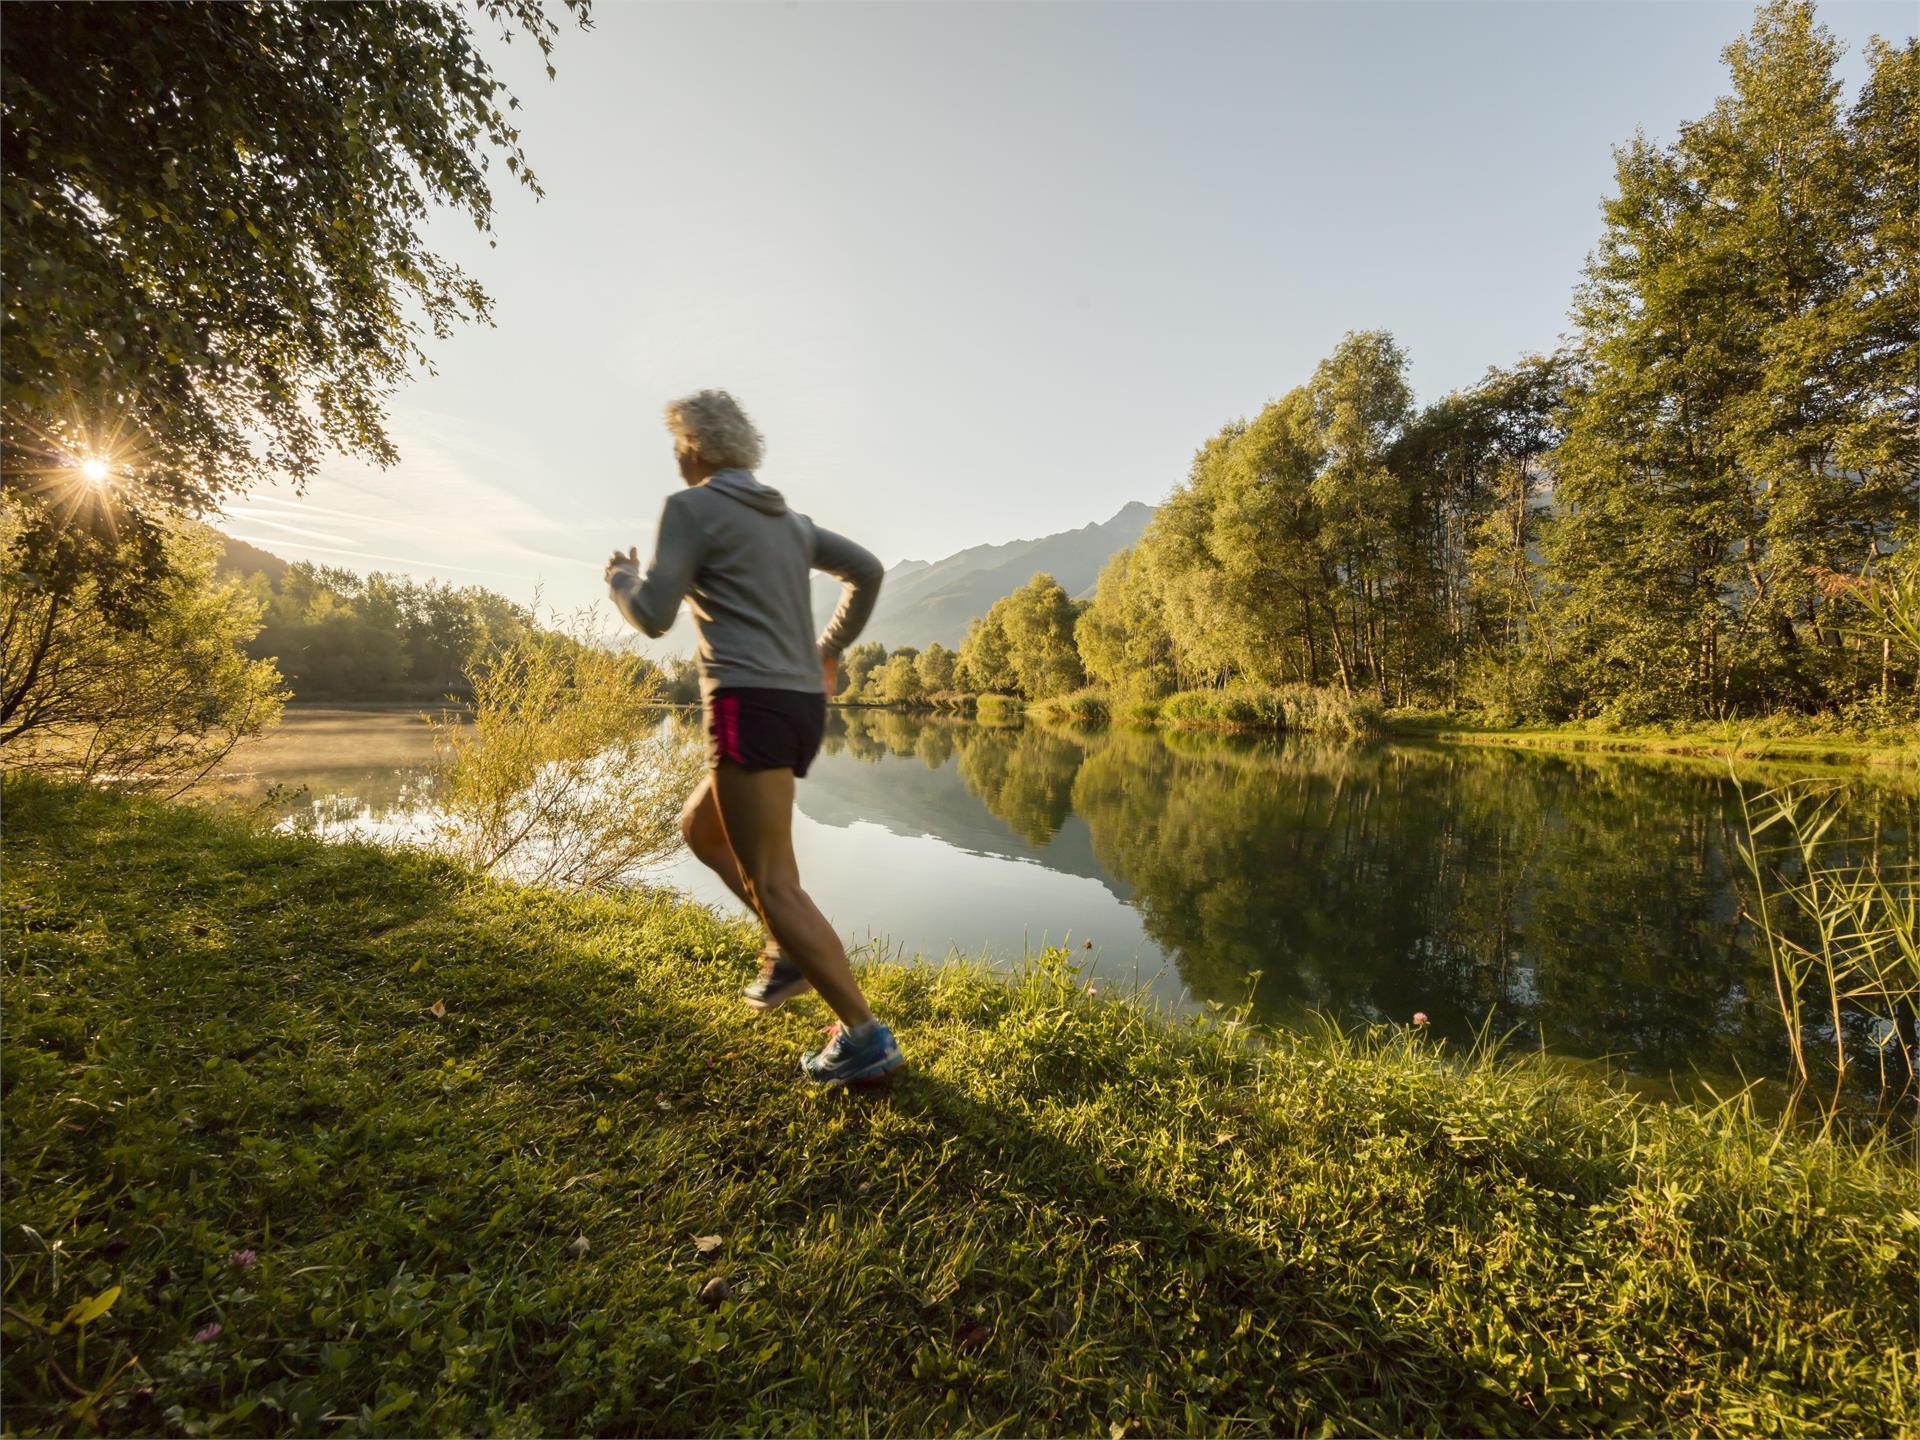 La forza della natura: nel piacere dell'attività fisica aumenta l'agilità